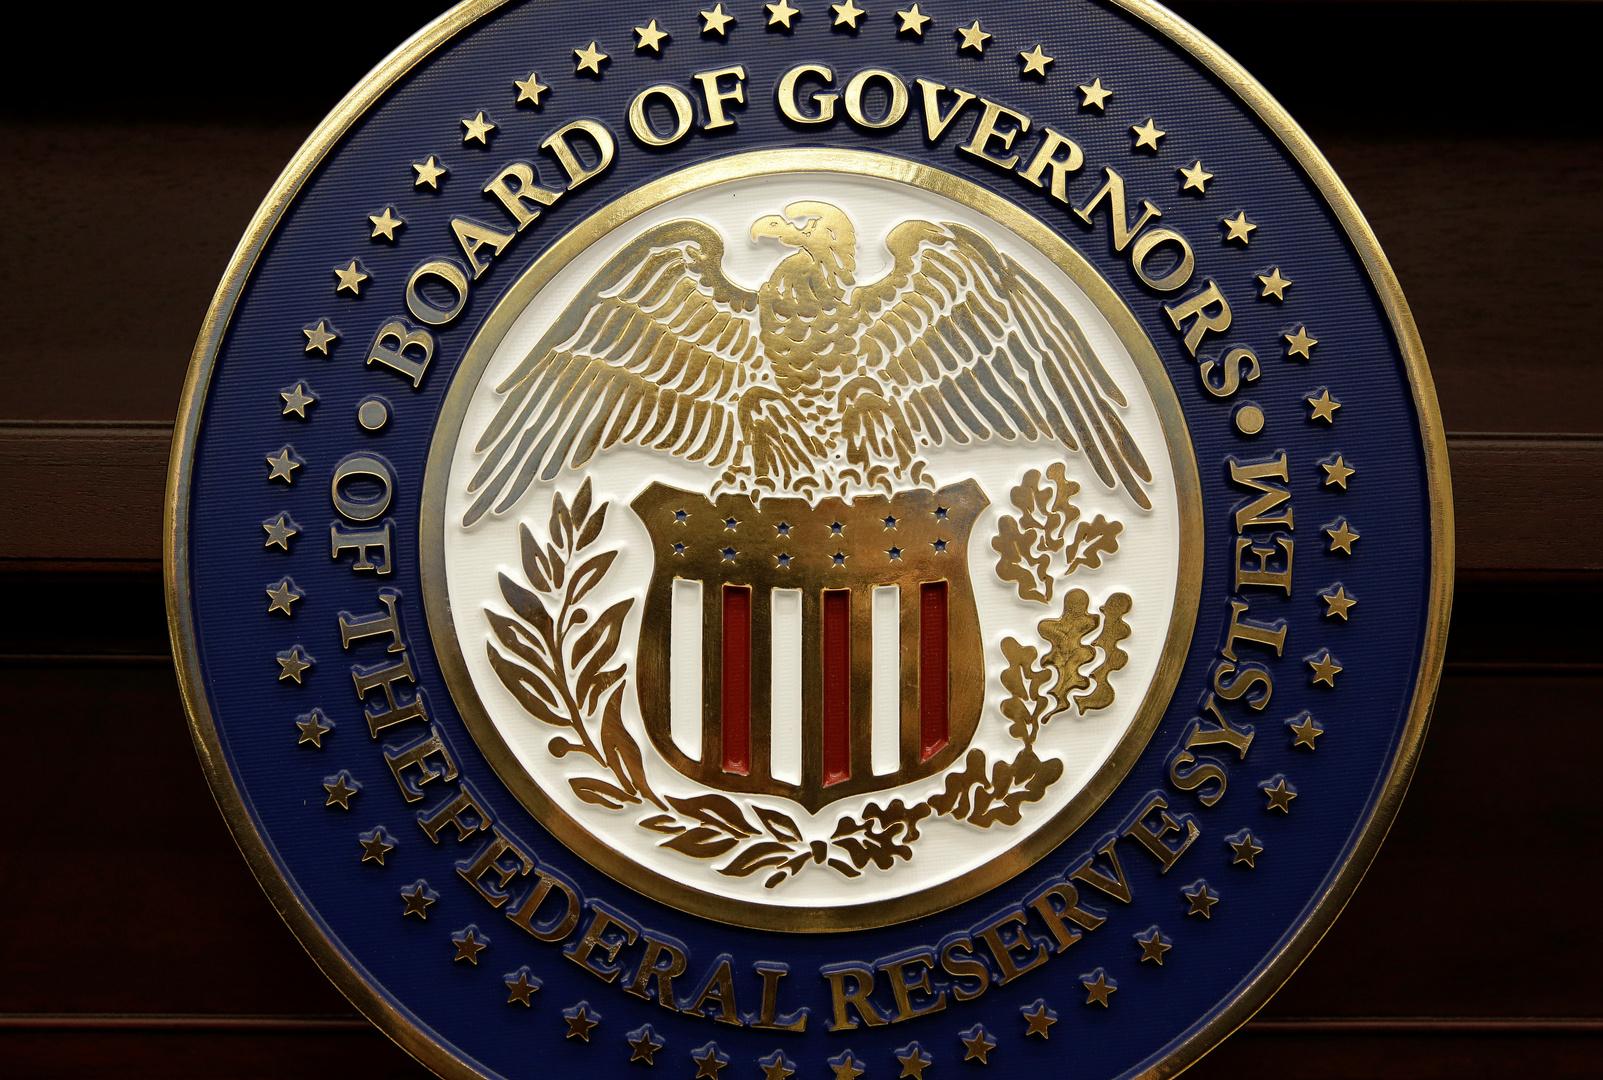 شعار مجلس محافظي المجلس الاحتياطي الفدرالي الأمريكي